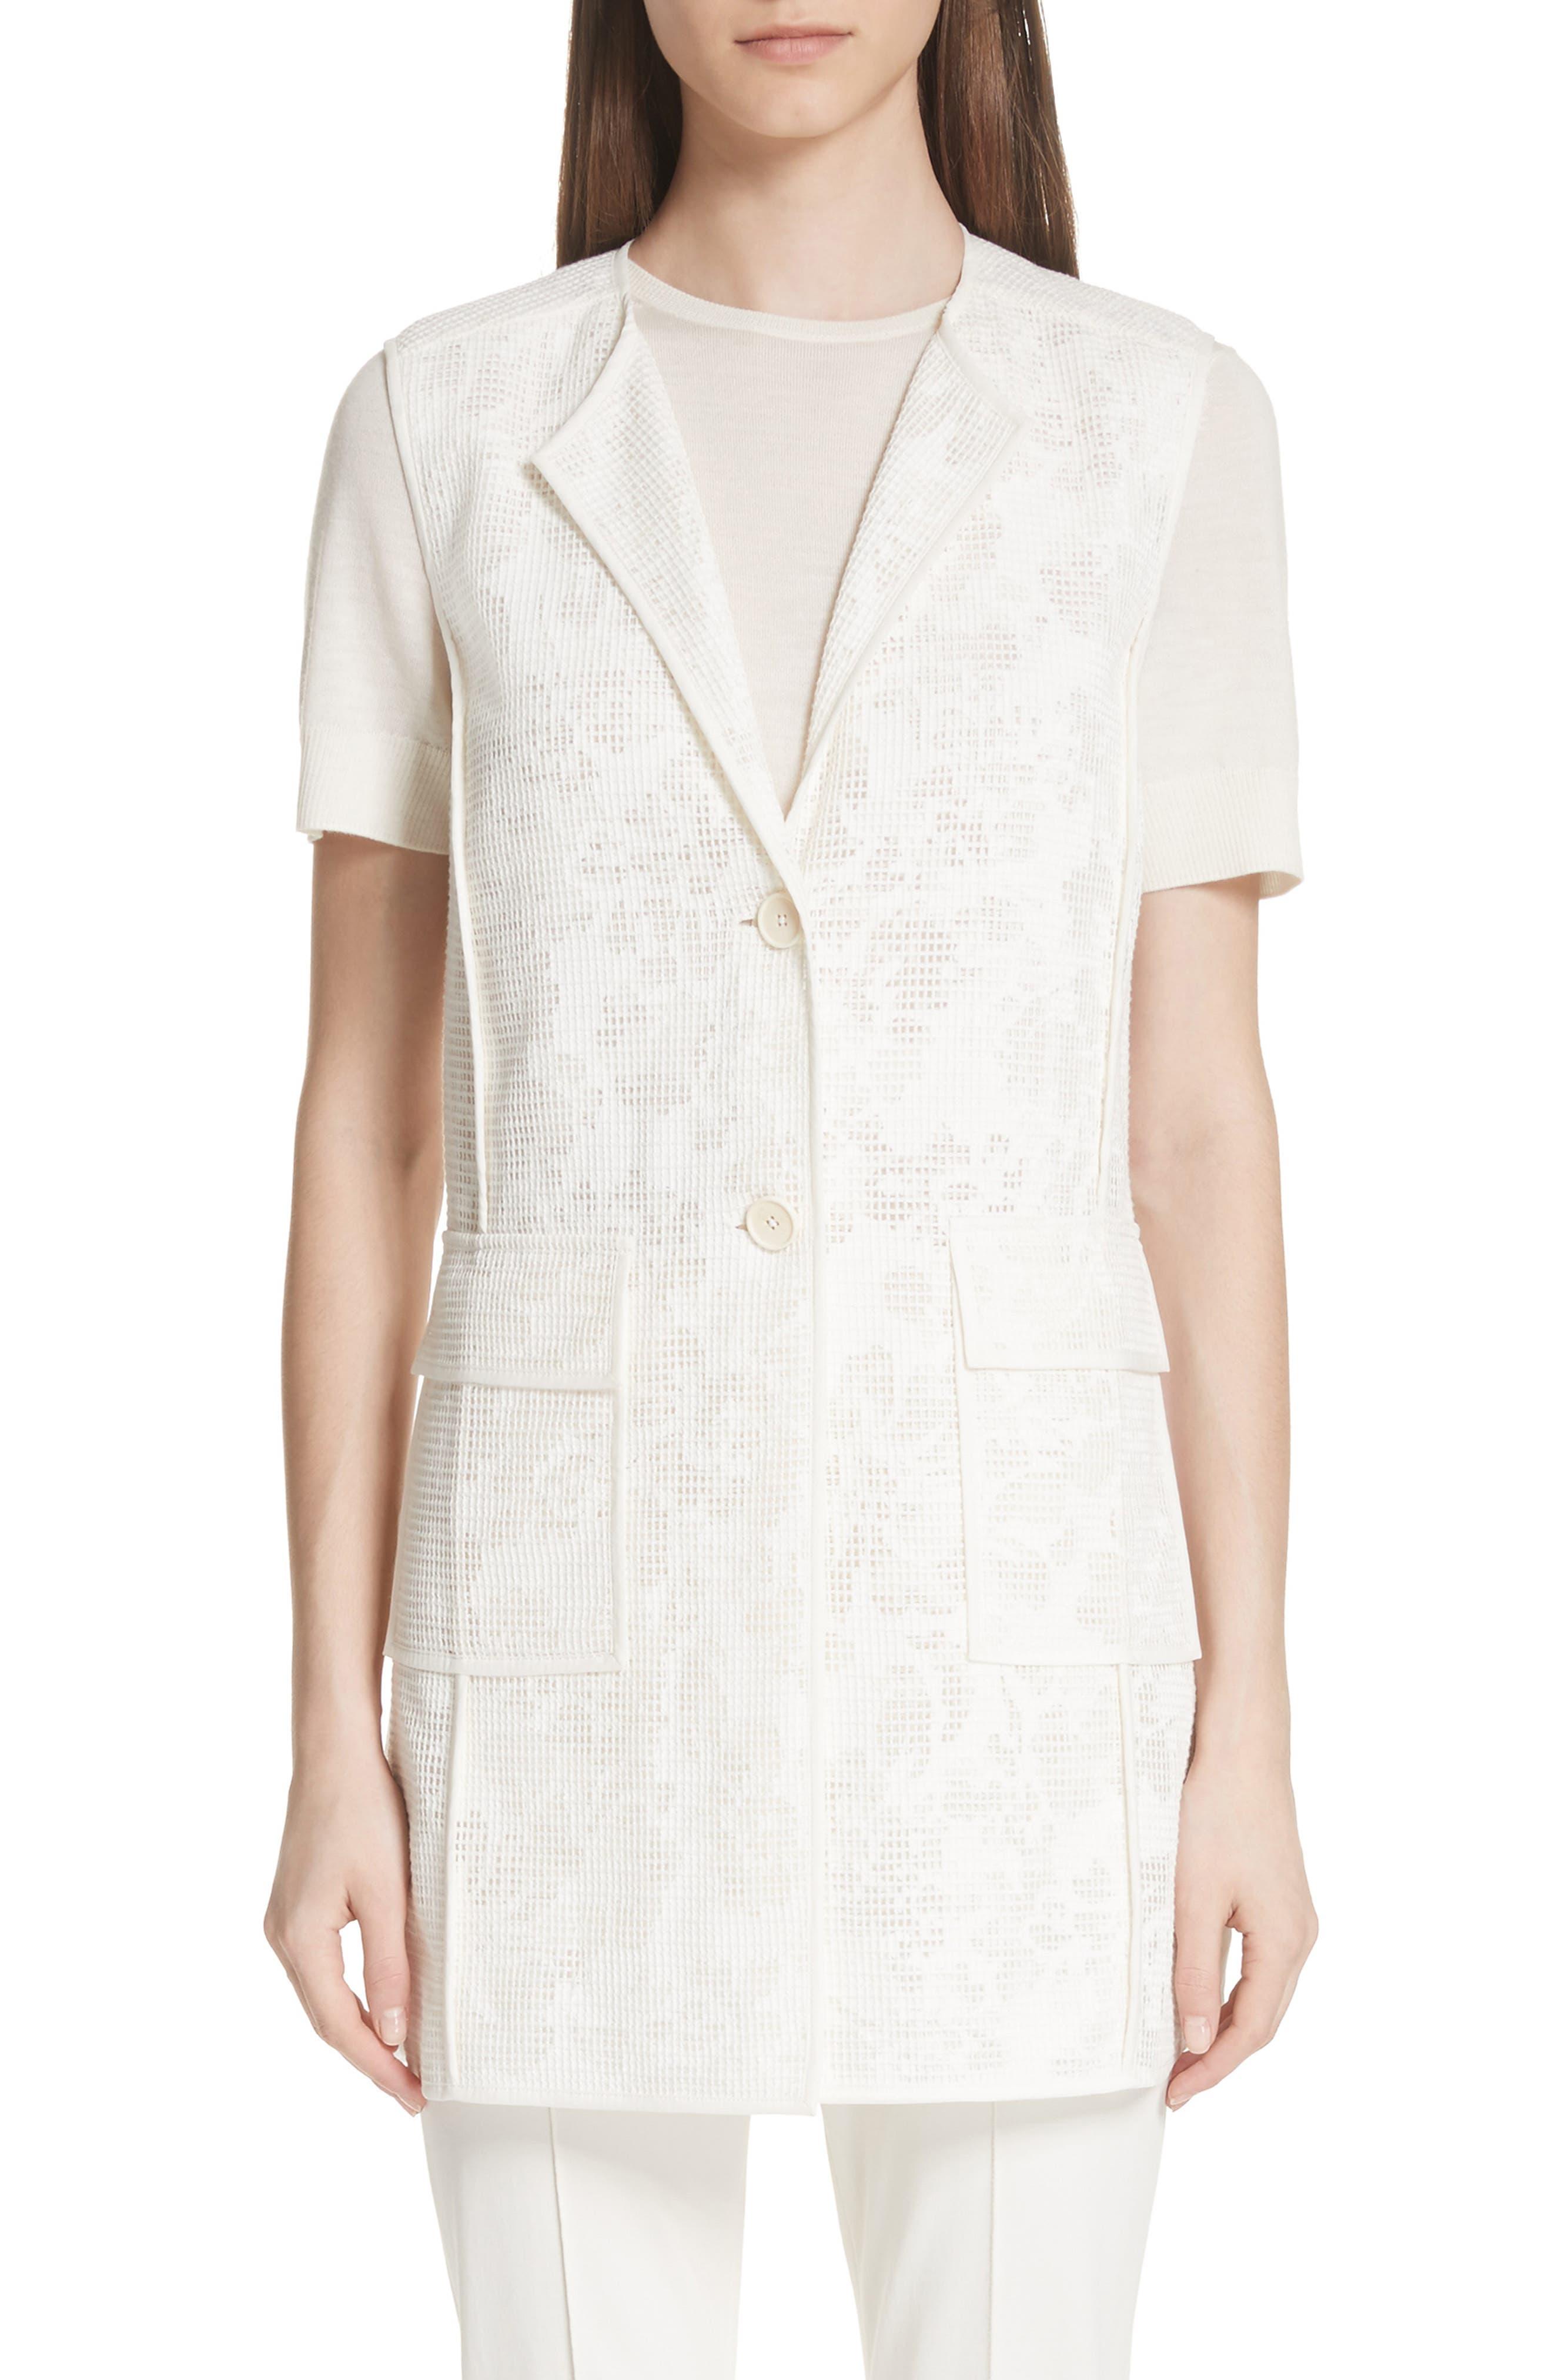 Burnout Netting Vest,                         Main,                         color, CREAM/ BIANCO